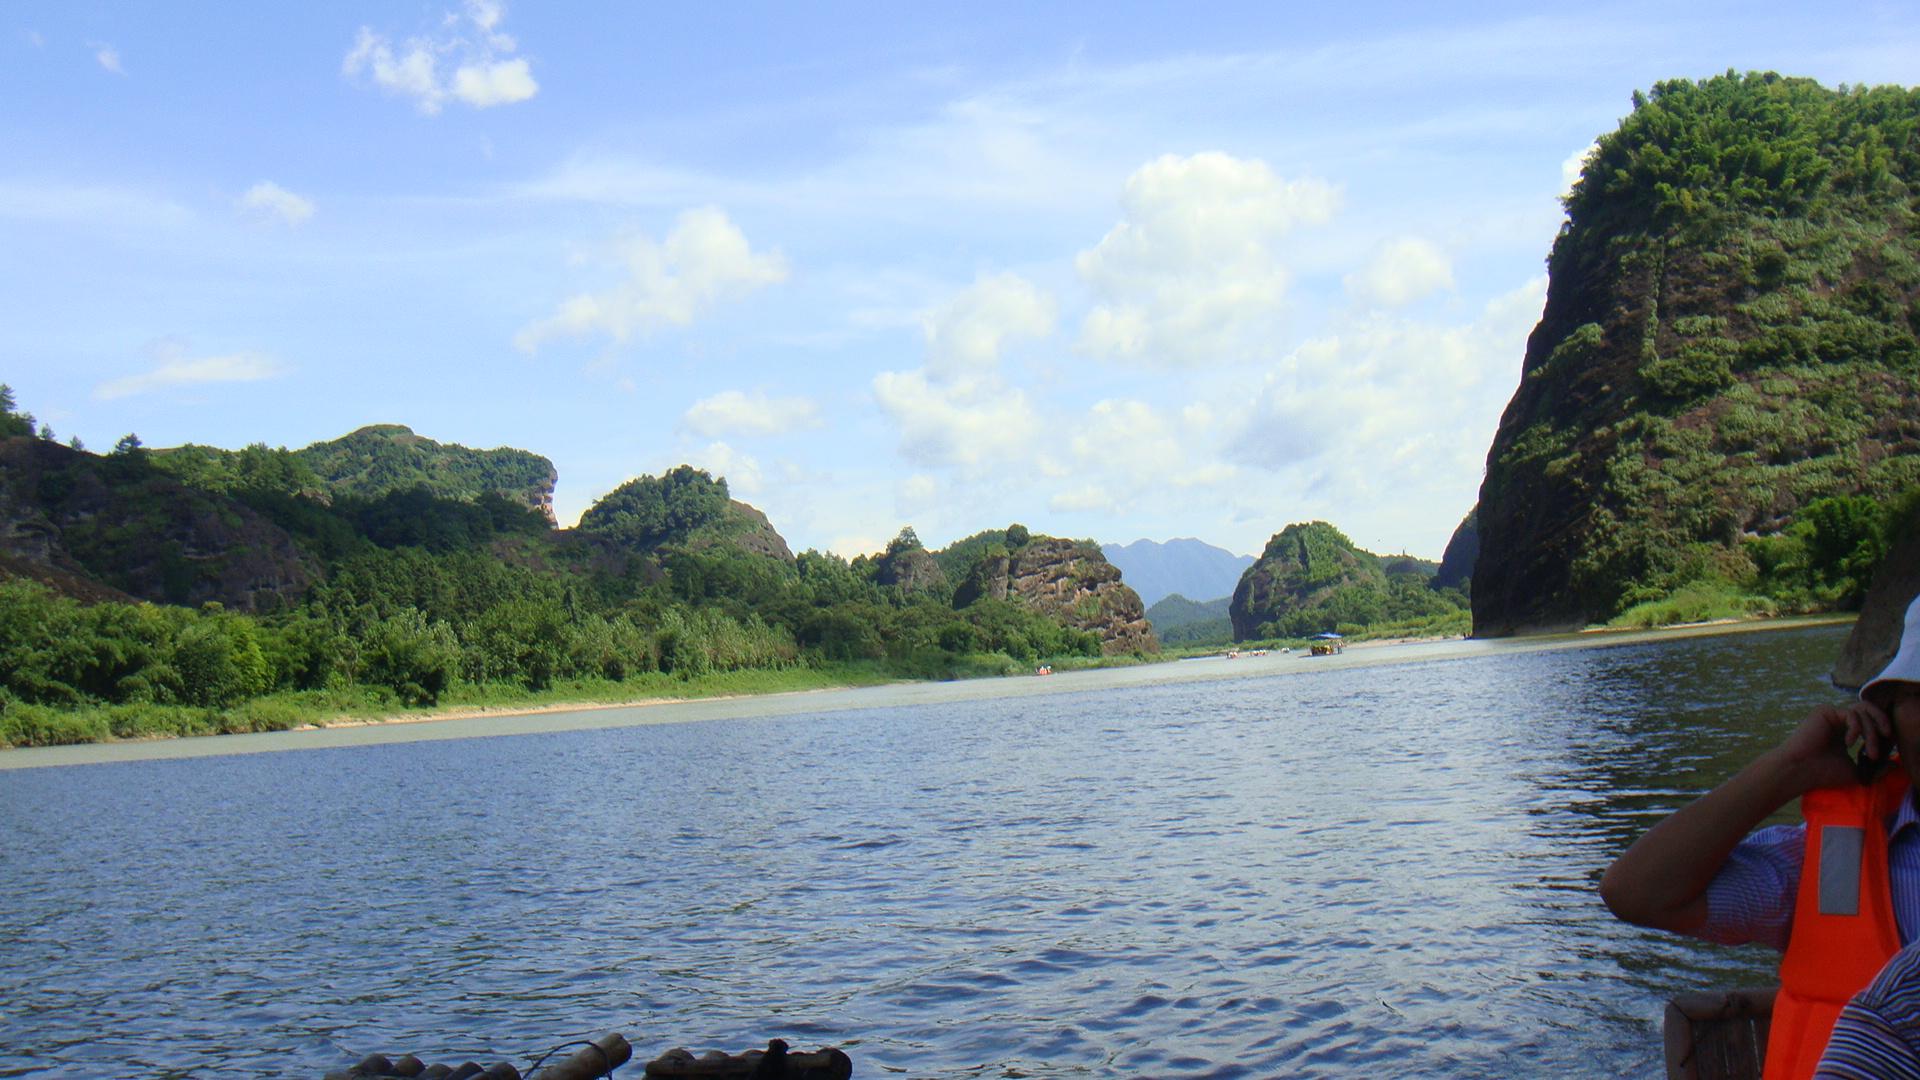 二龙山景区:增城二龙山旅游风景区:二龙山景区全景